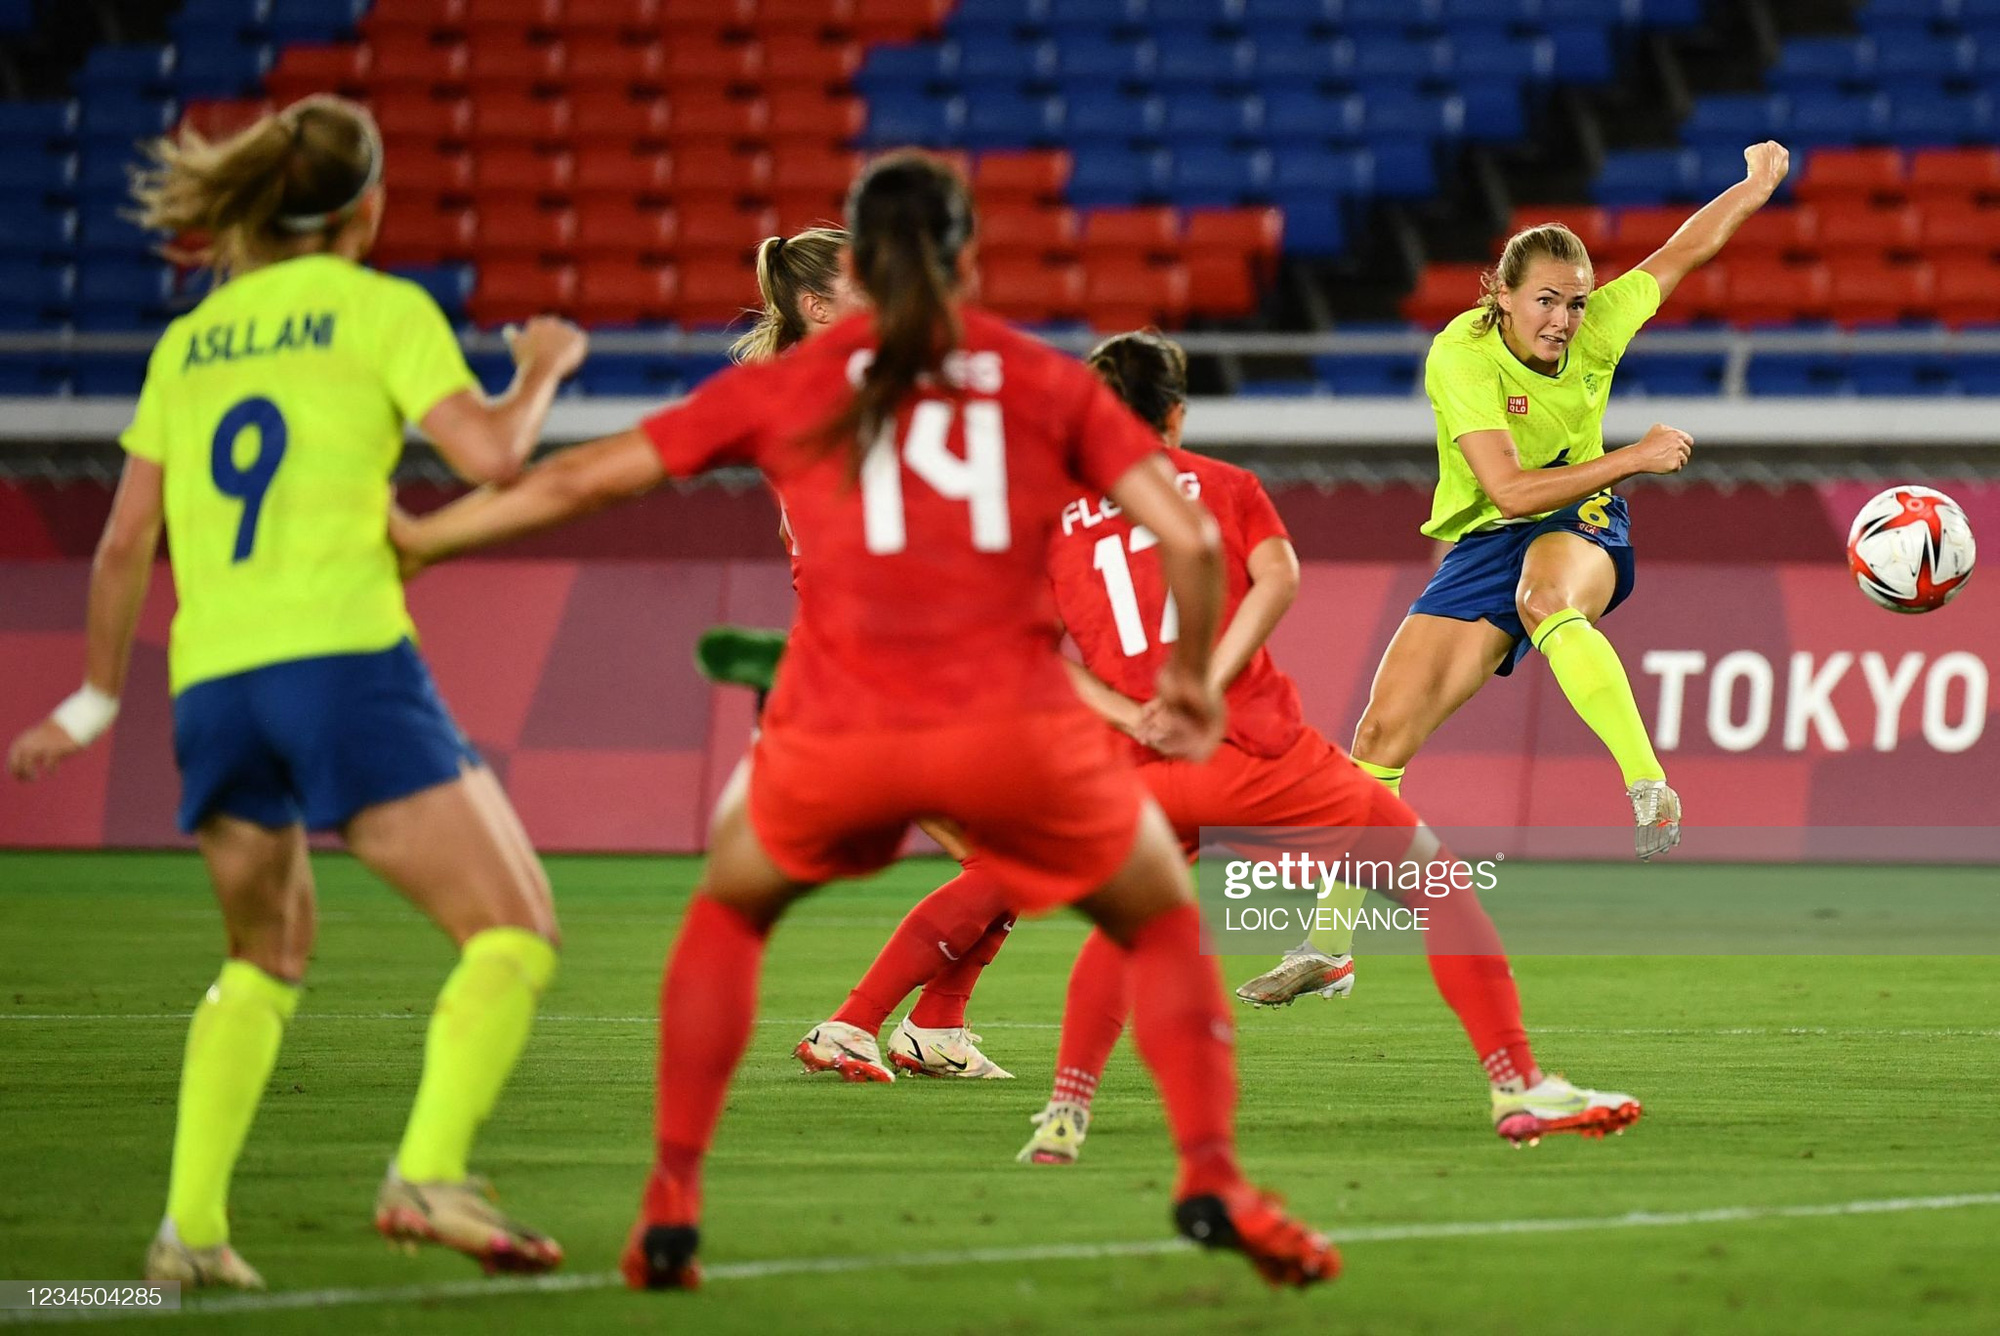 Đá hỏng liên tiếp 3 quả luân lưu, Canada vẫn vô địch bóng đá nữ Olympic 2020 - Ảnh 1.